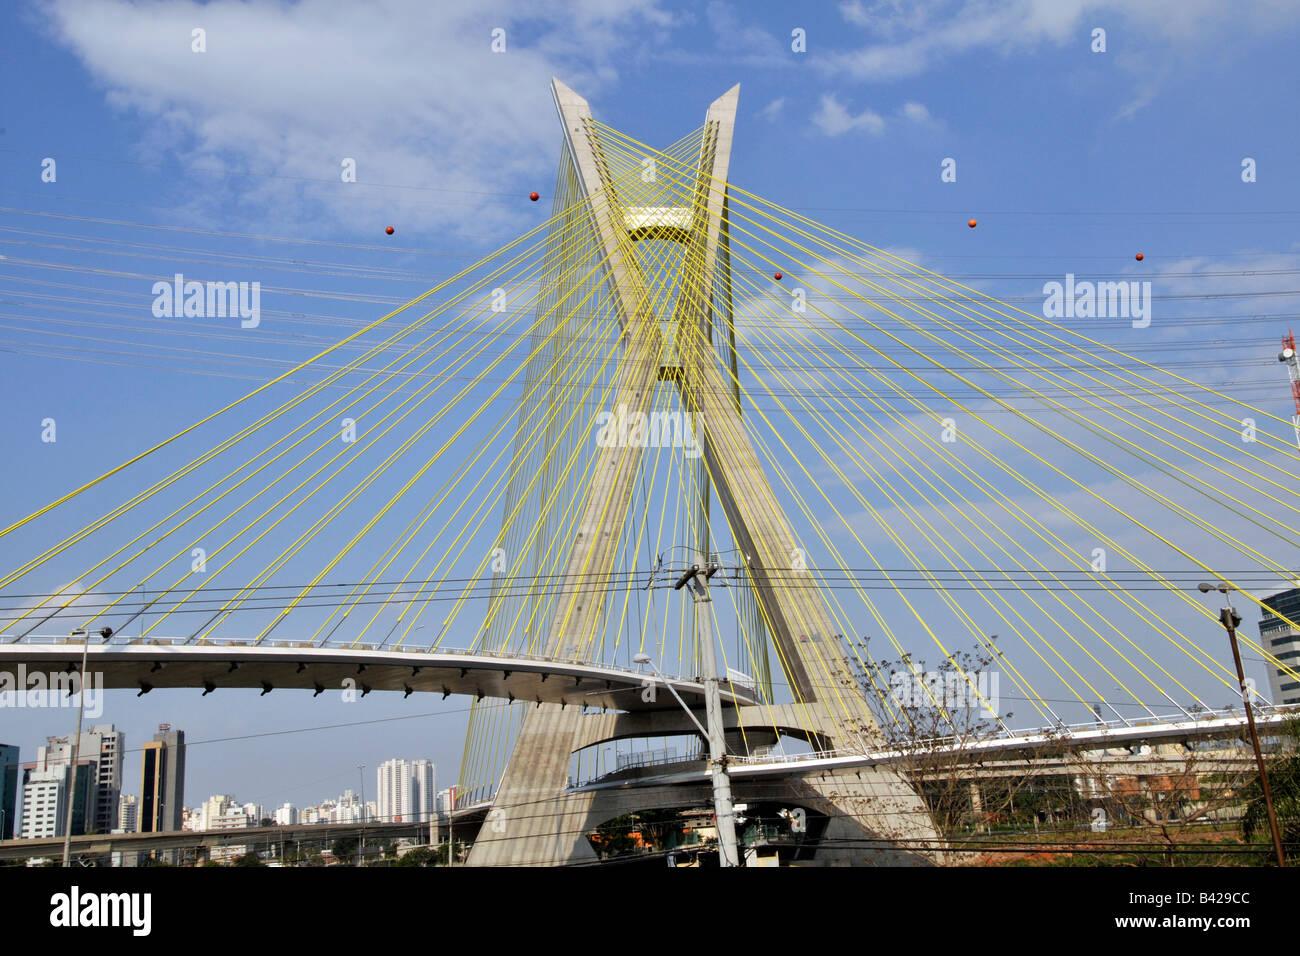 Octavio Frias puente de cables Sao Paulo Brasil Imagen De Stock